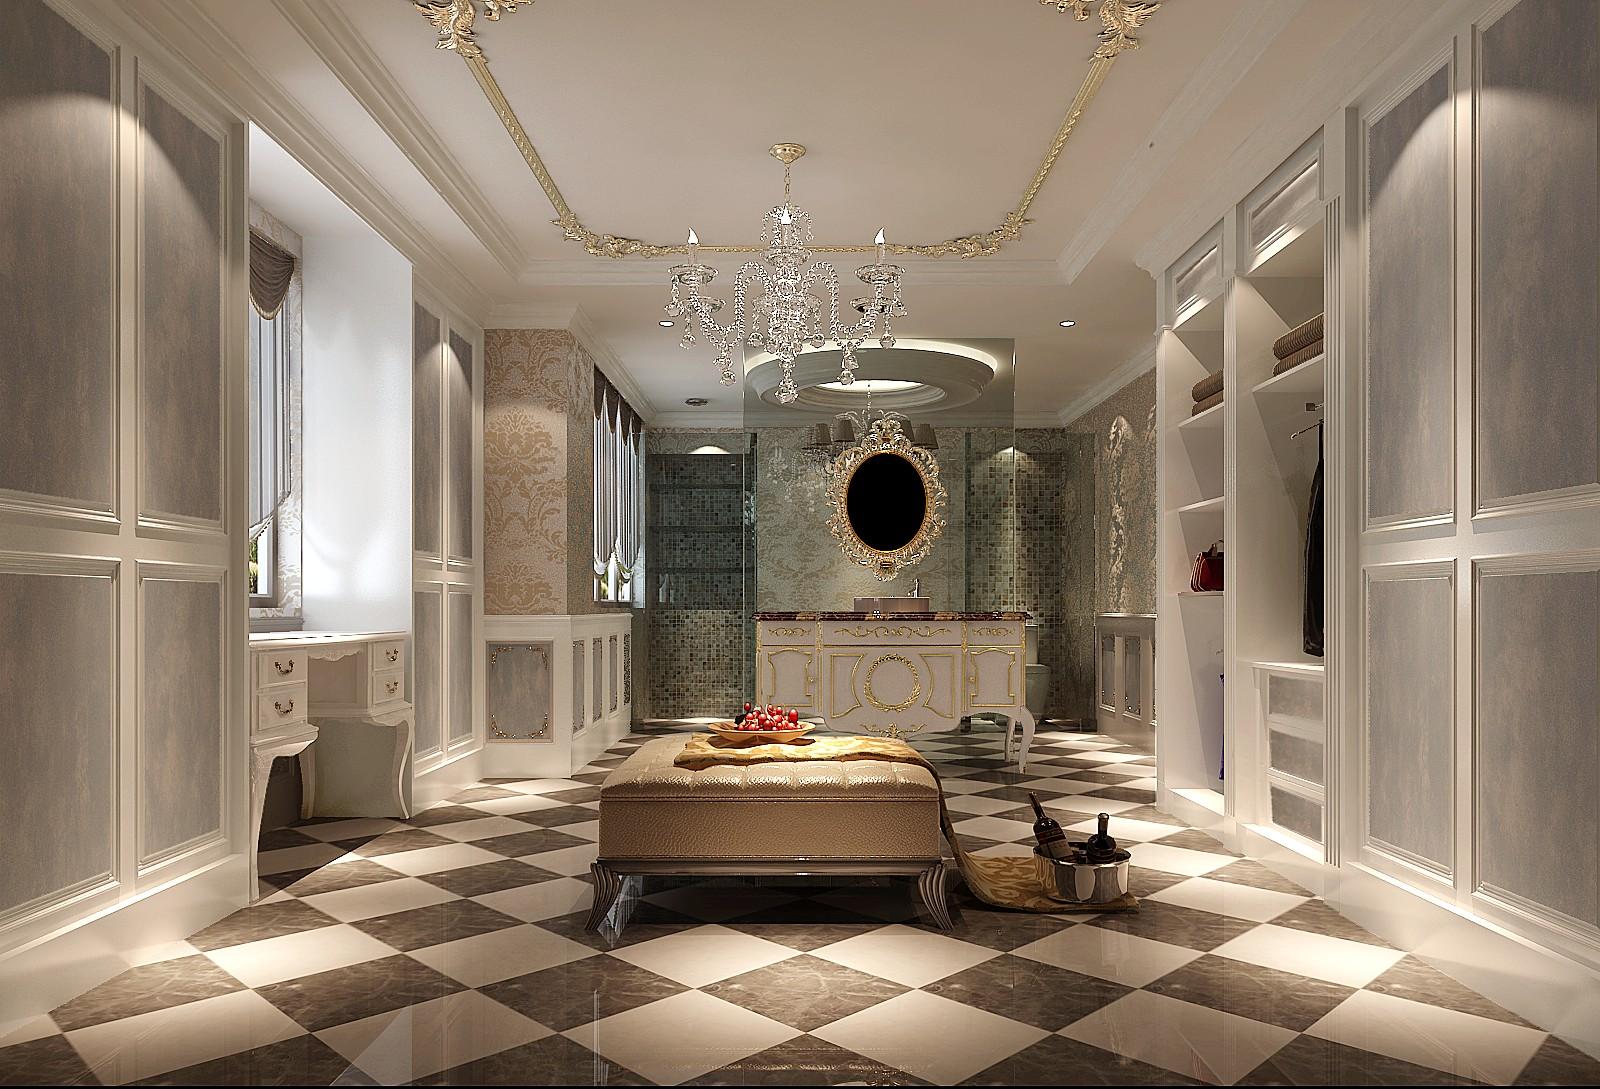 高度国际 旭辉御府 法式 复式 卫生间图片来自高度国际在法式的浪漫,完美的爱情的分享